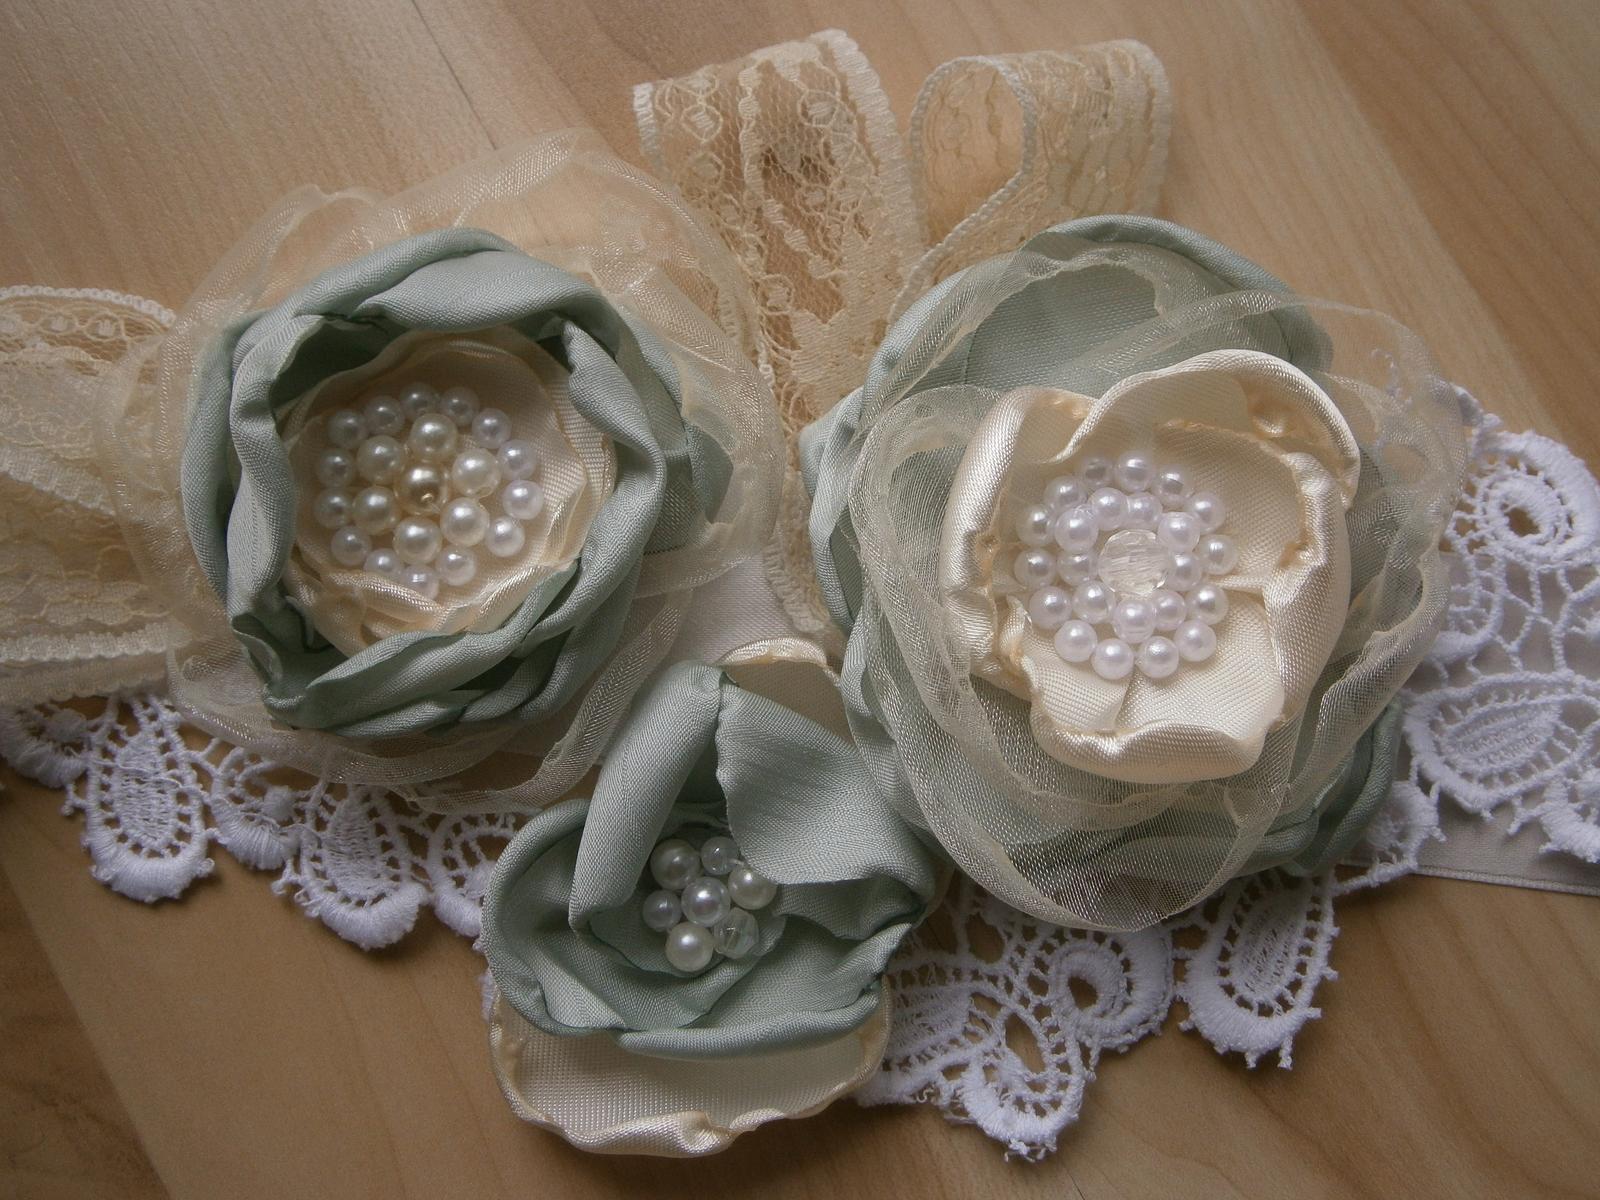 Svadobné dekorácie - skladom - Obrázok č. 20